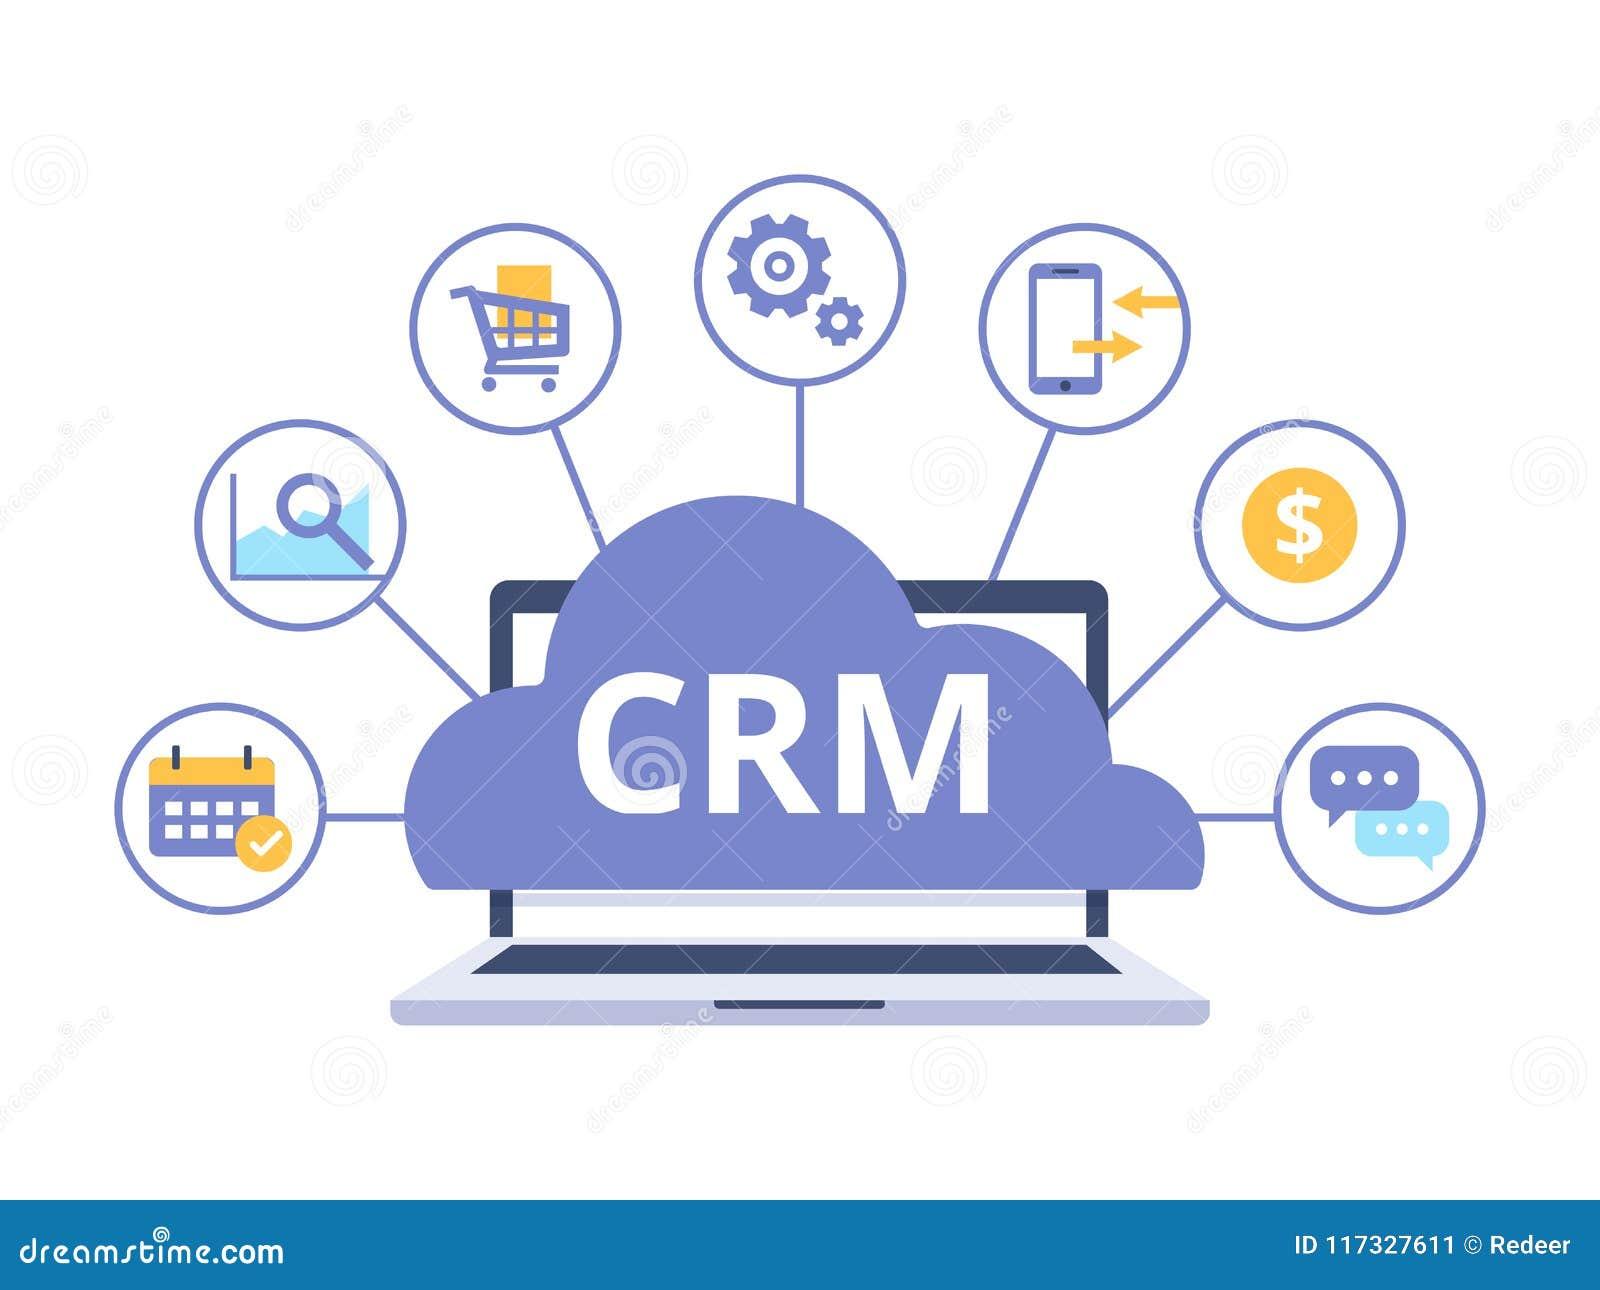 Organisation av data på arbete med klienter, kundförhållandeledning CRM begreppsdesign med vektorbeståndsdelar